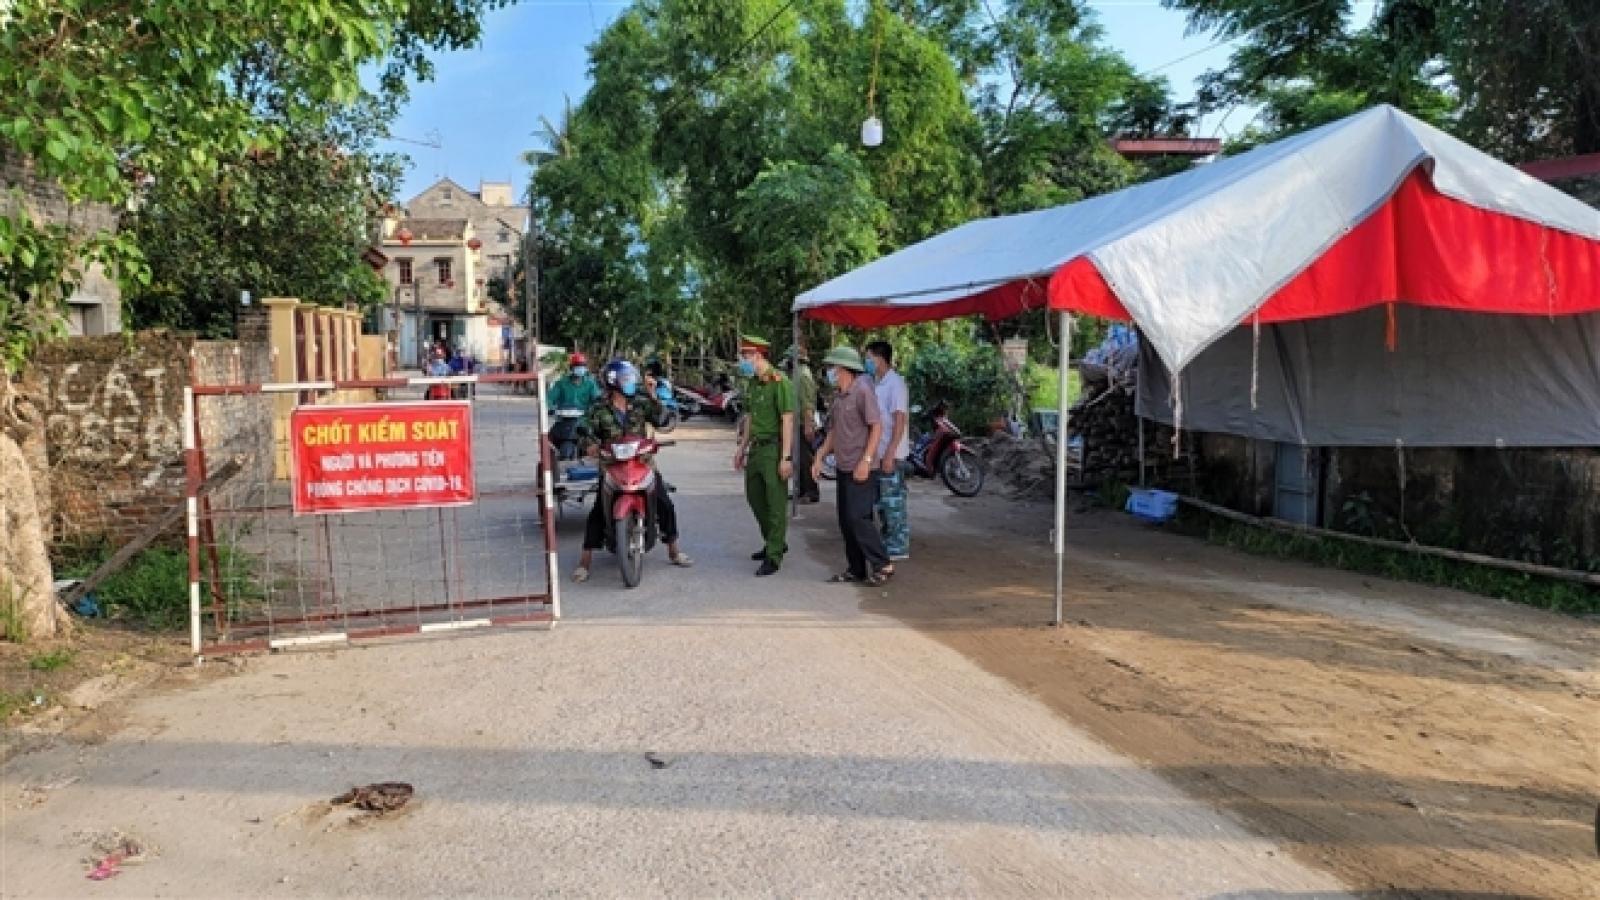 Bắc Ninh thực hiện cách ly xã hội huyện Thuận Thành từ 14h chiều nay